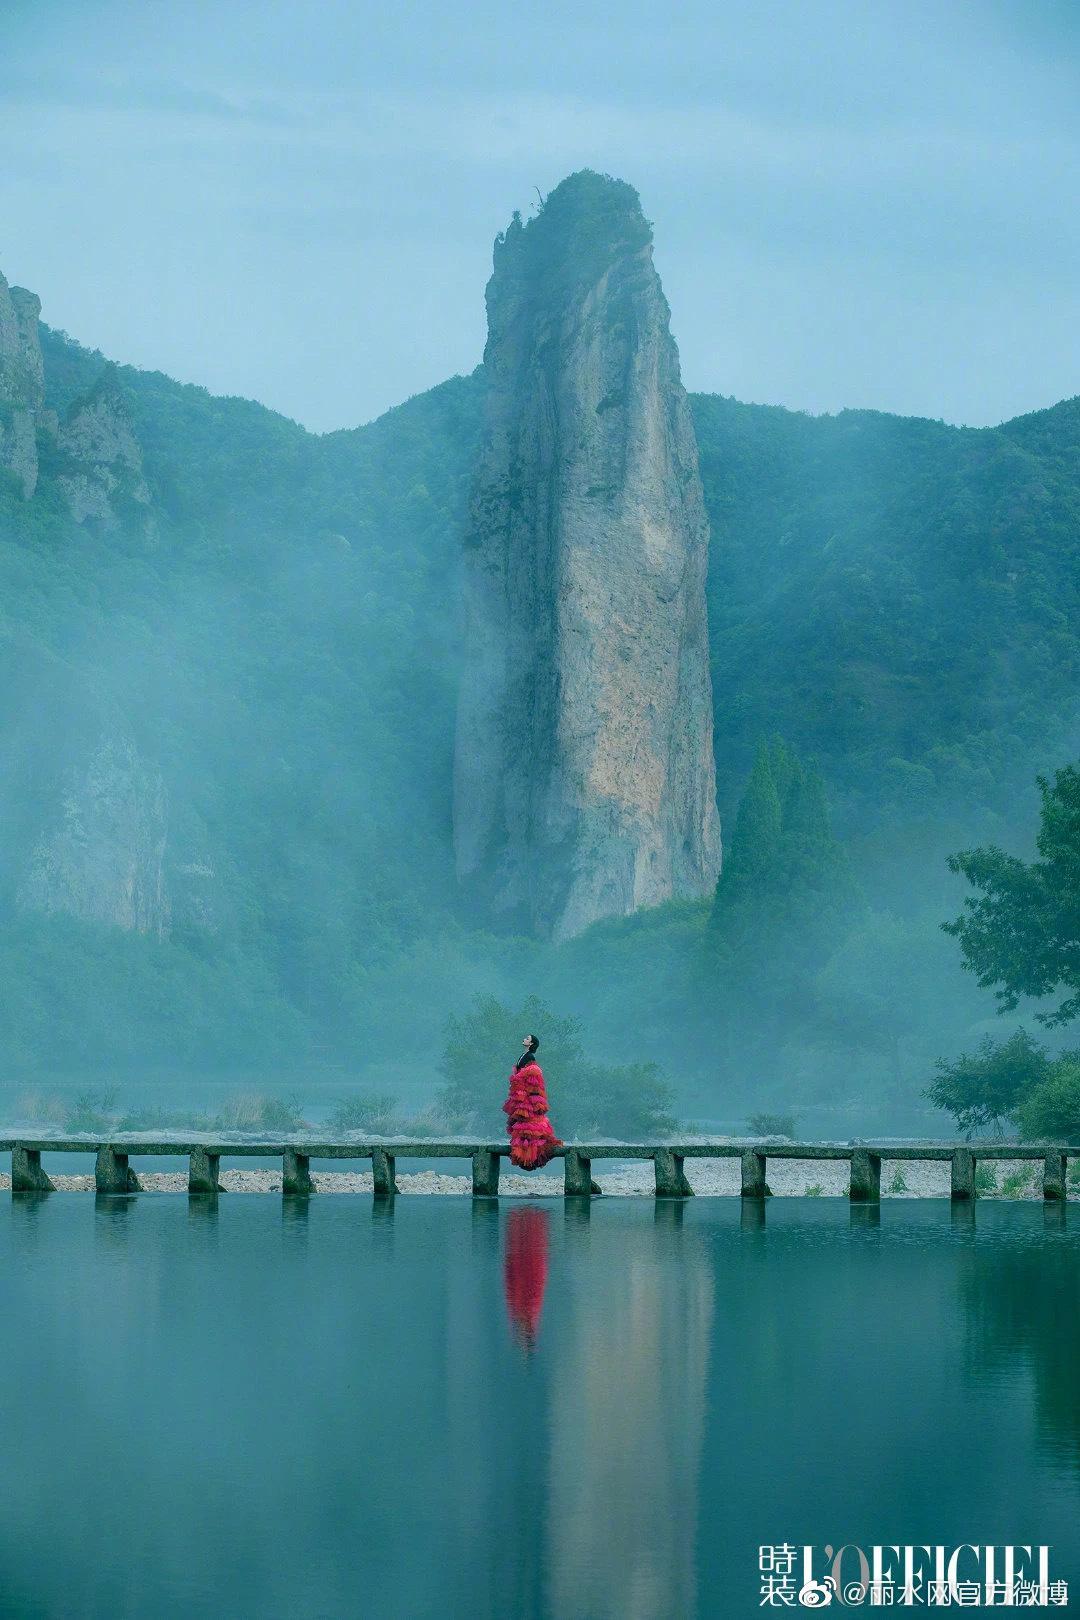 """倪妮说:""""我一直想去拍一组和大自然有关系的照片"""",然后她来了丽水缙云!"""